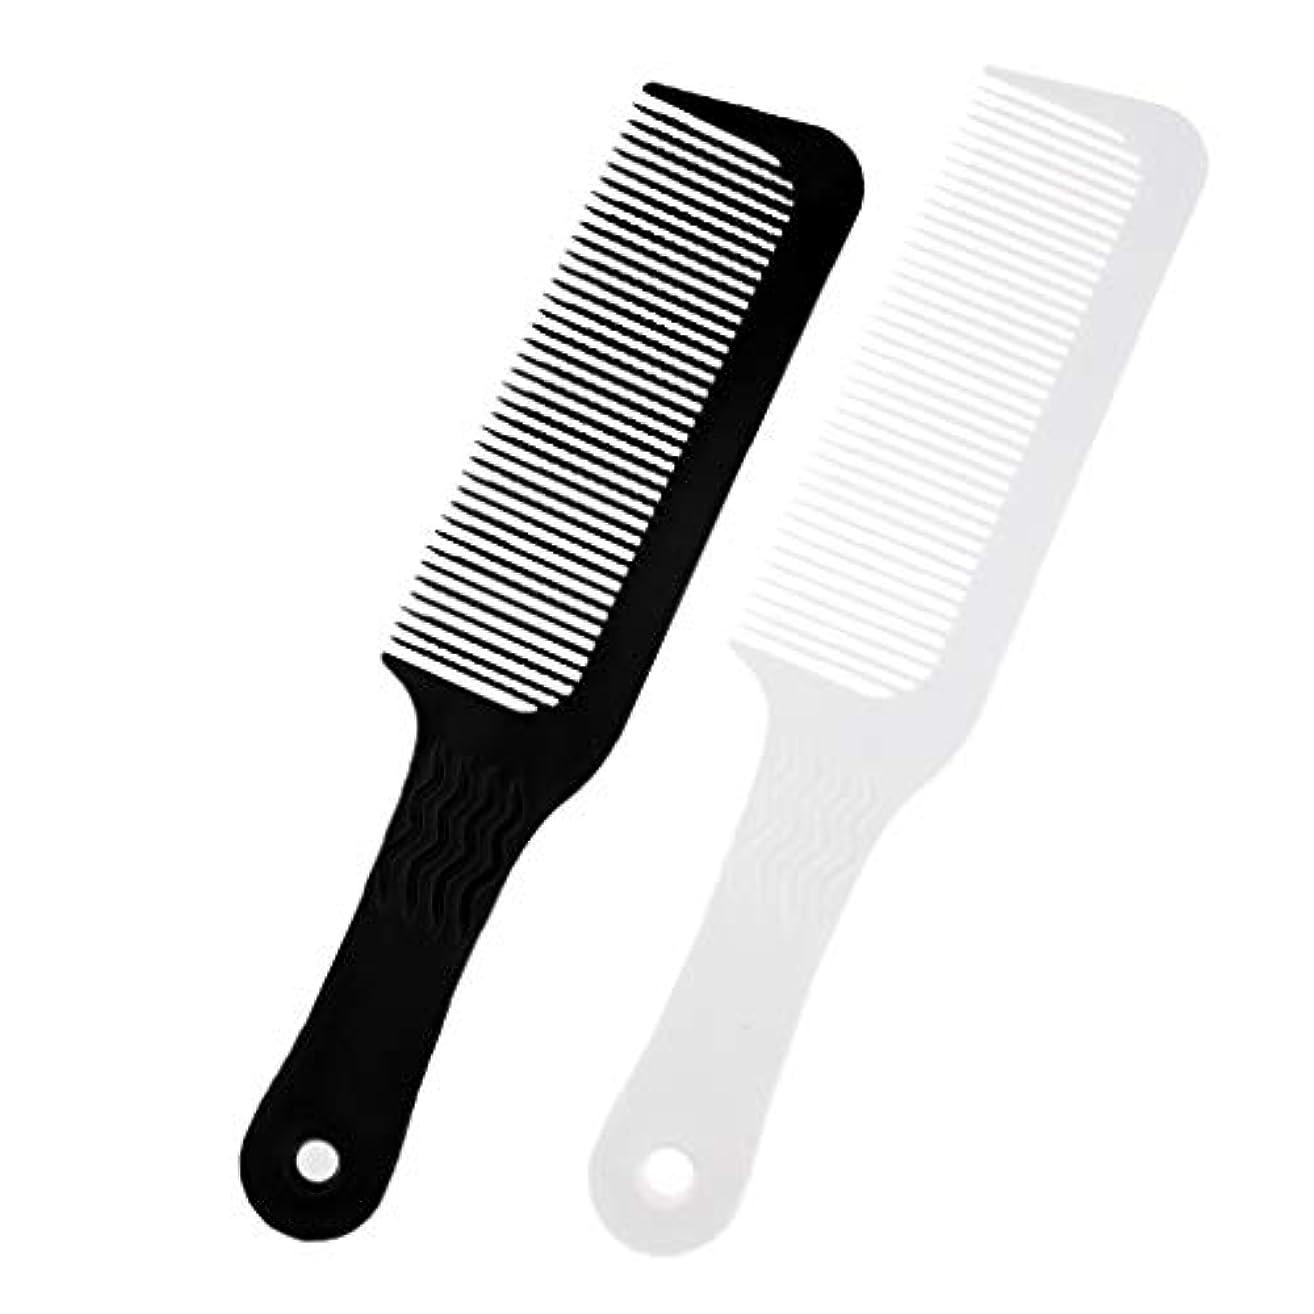 ピクニックまつげ置換Toygogo プロ3ピース理髪サロンフラットトップクリッパーくし美容師スタイリング切削デタングルブラシツール